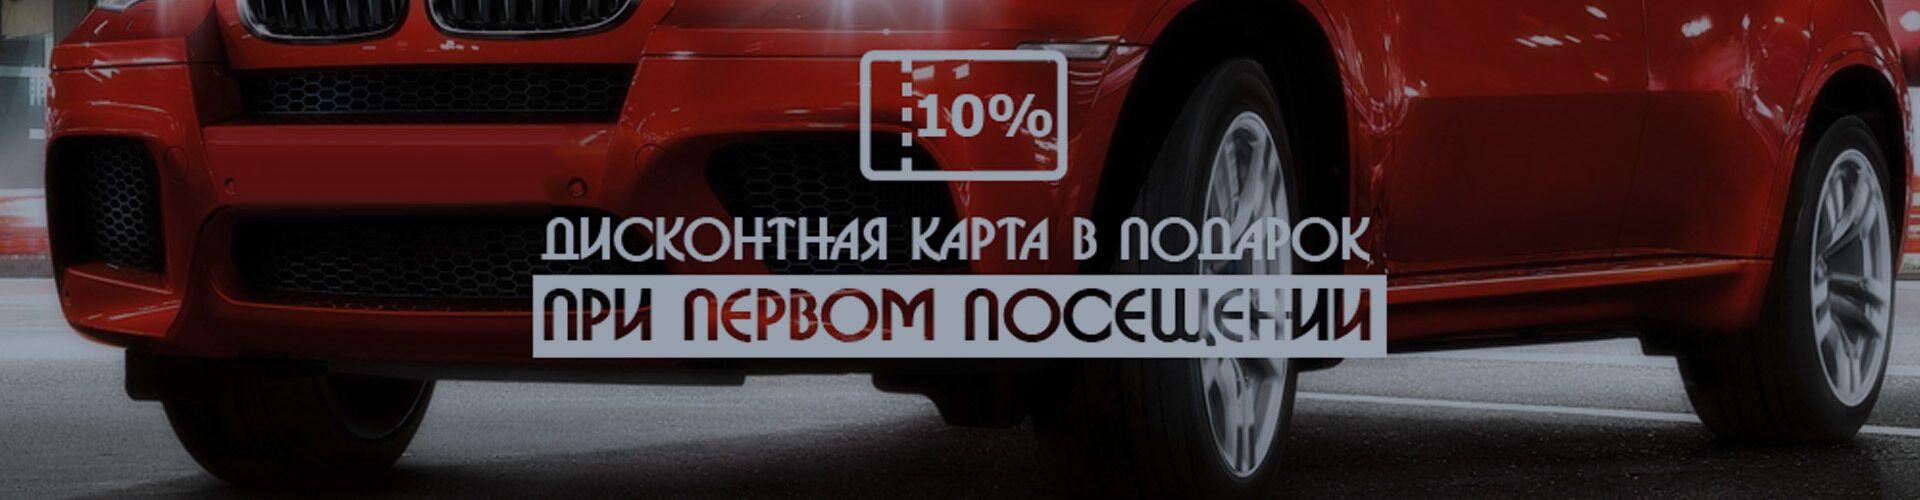 AquaZone Car wash website